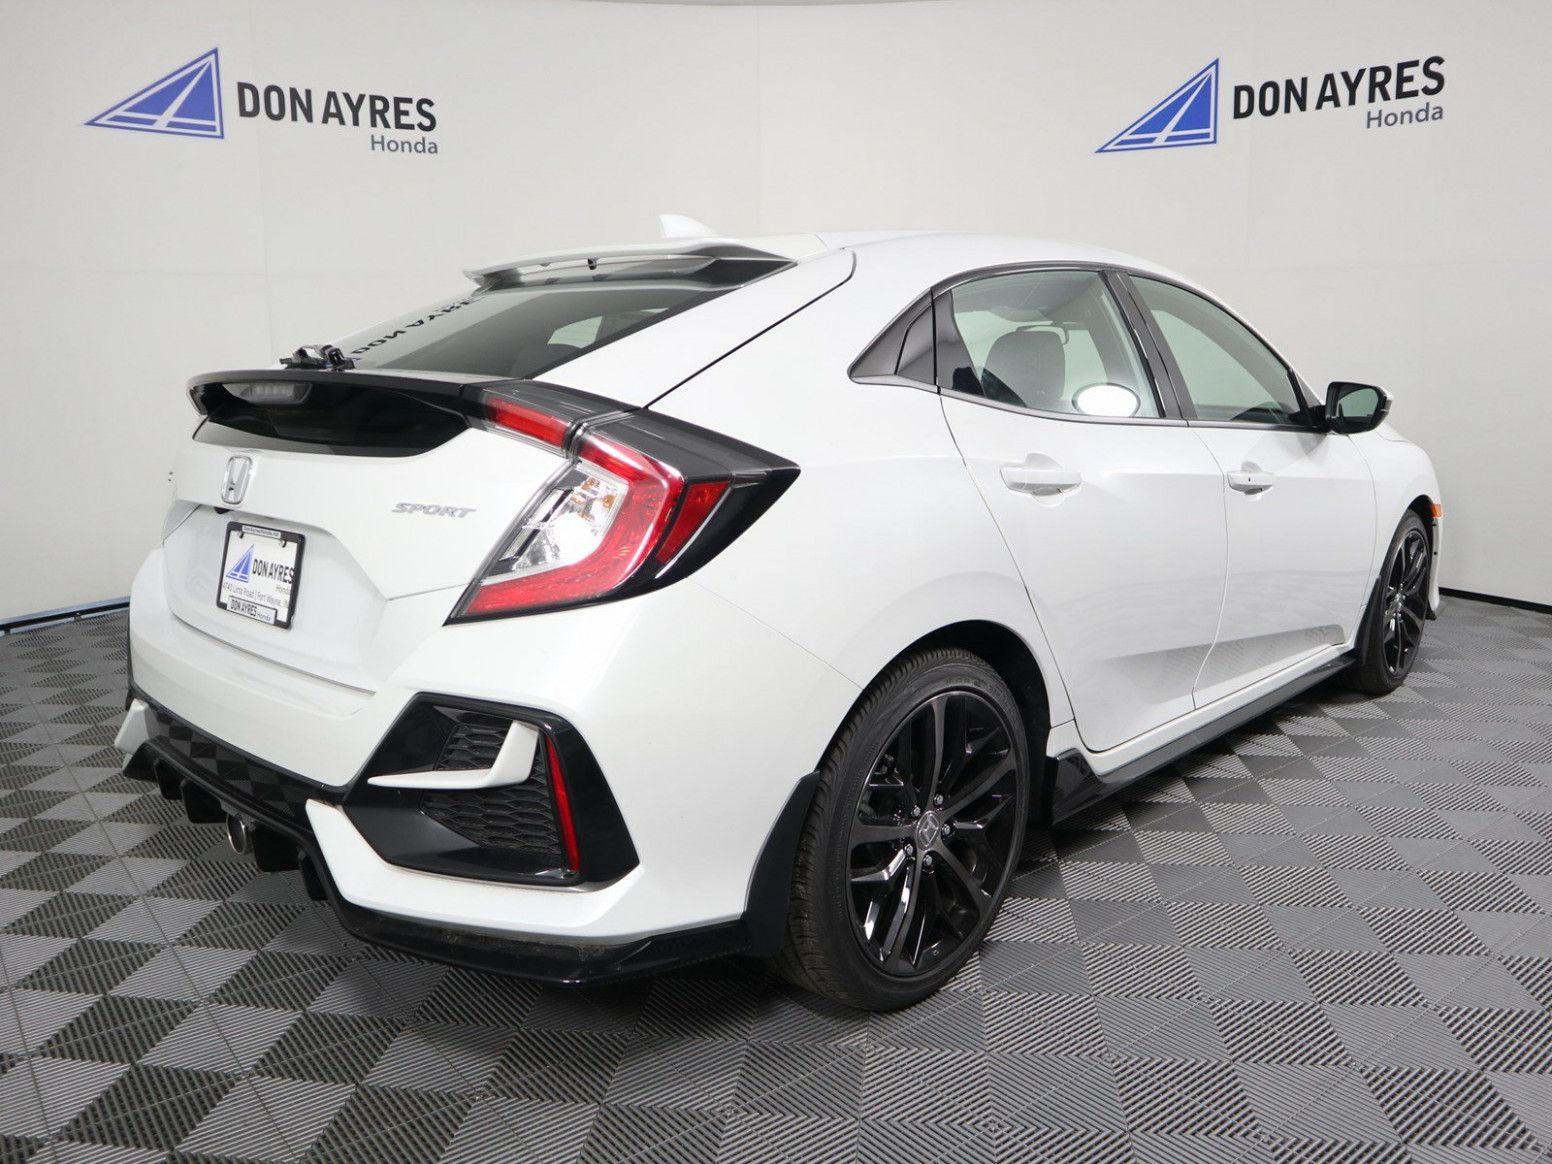 2020 Honda Civic Sport Images in 2020 Honda civic sport